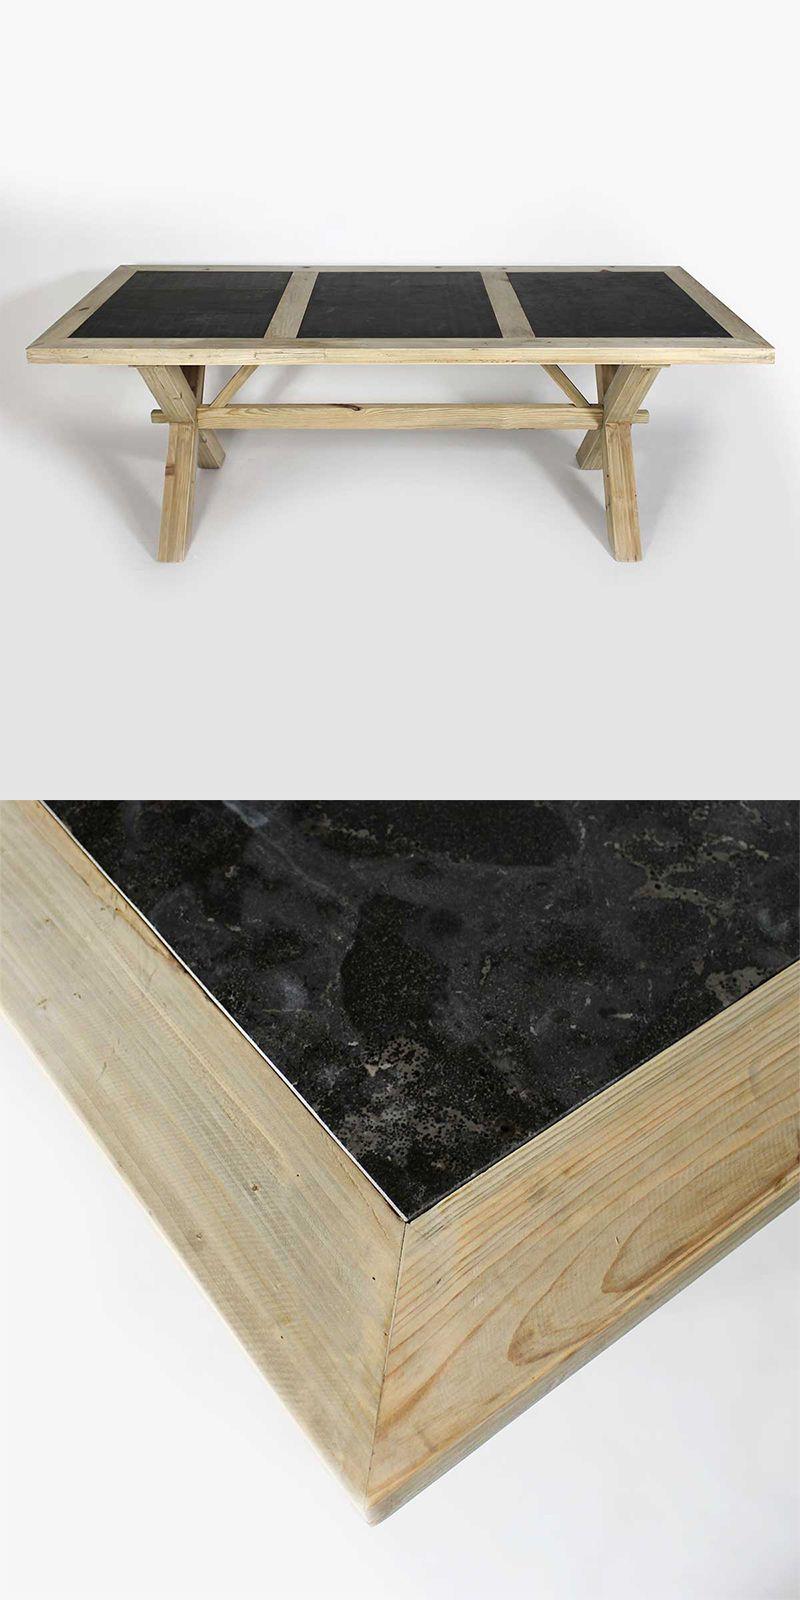 Table En Bois Brut Recycle Avec Plateau En Pierre Naturelle Effet Marbre Sombre Table Bois Brut Table A Manger Bois